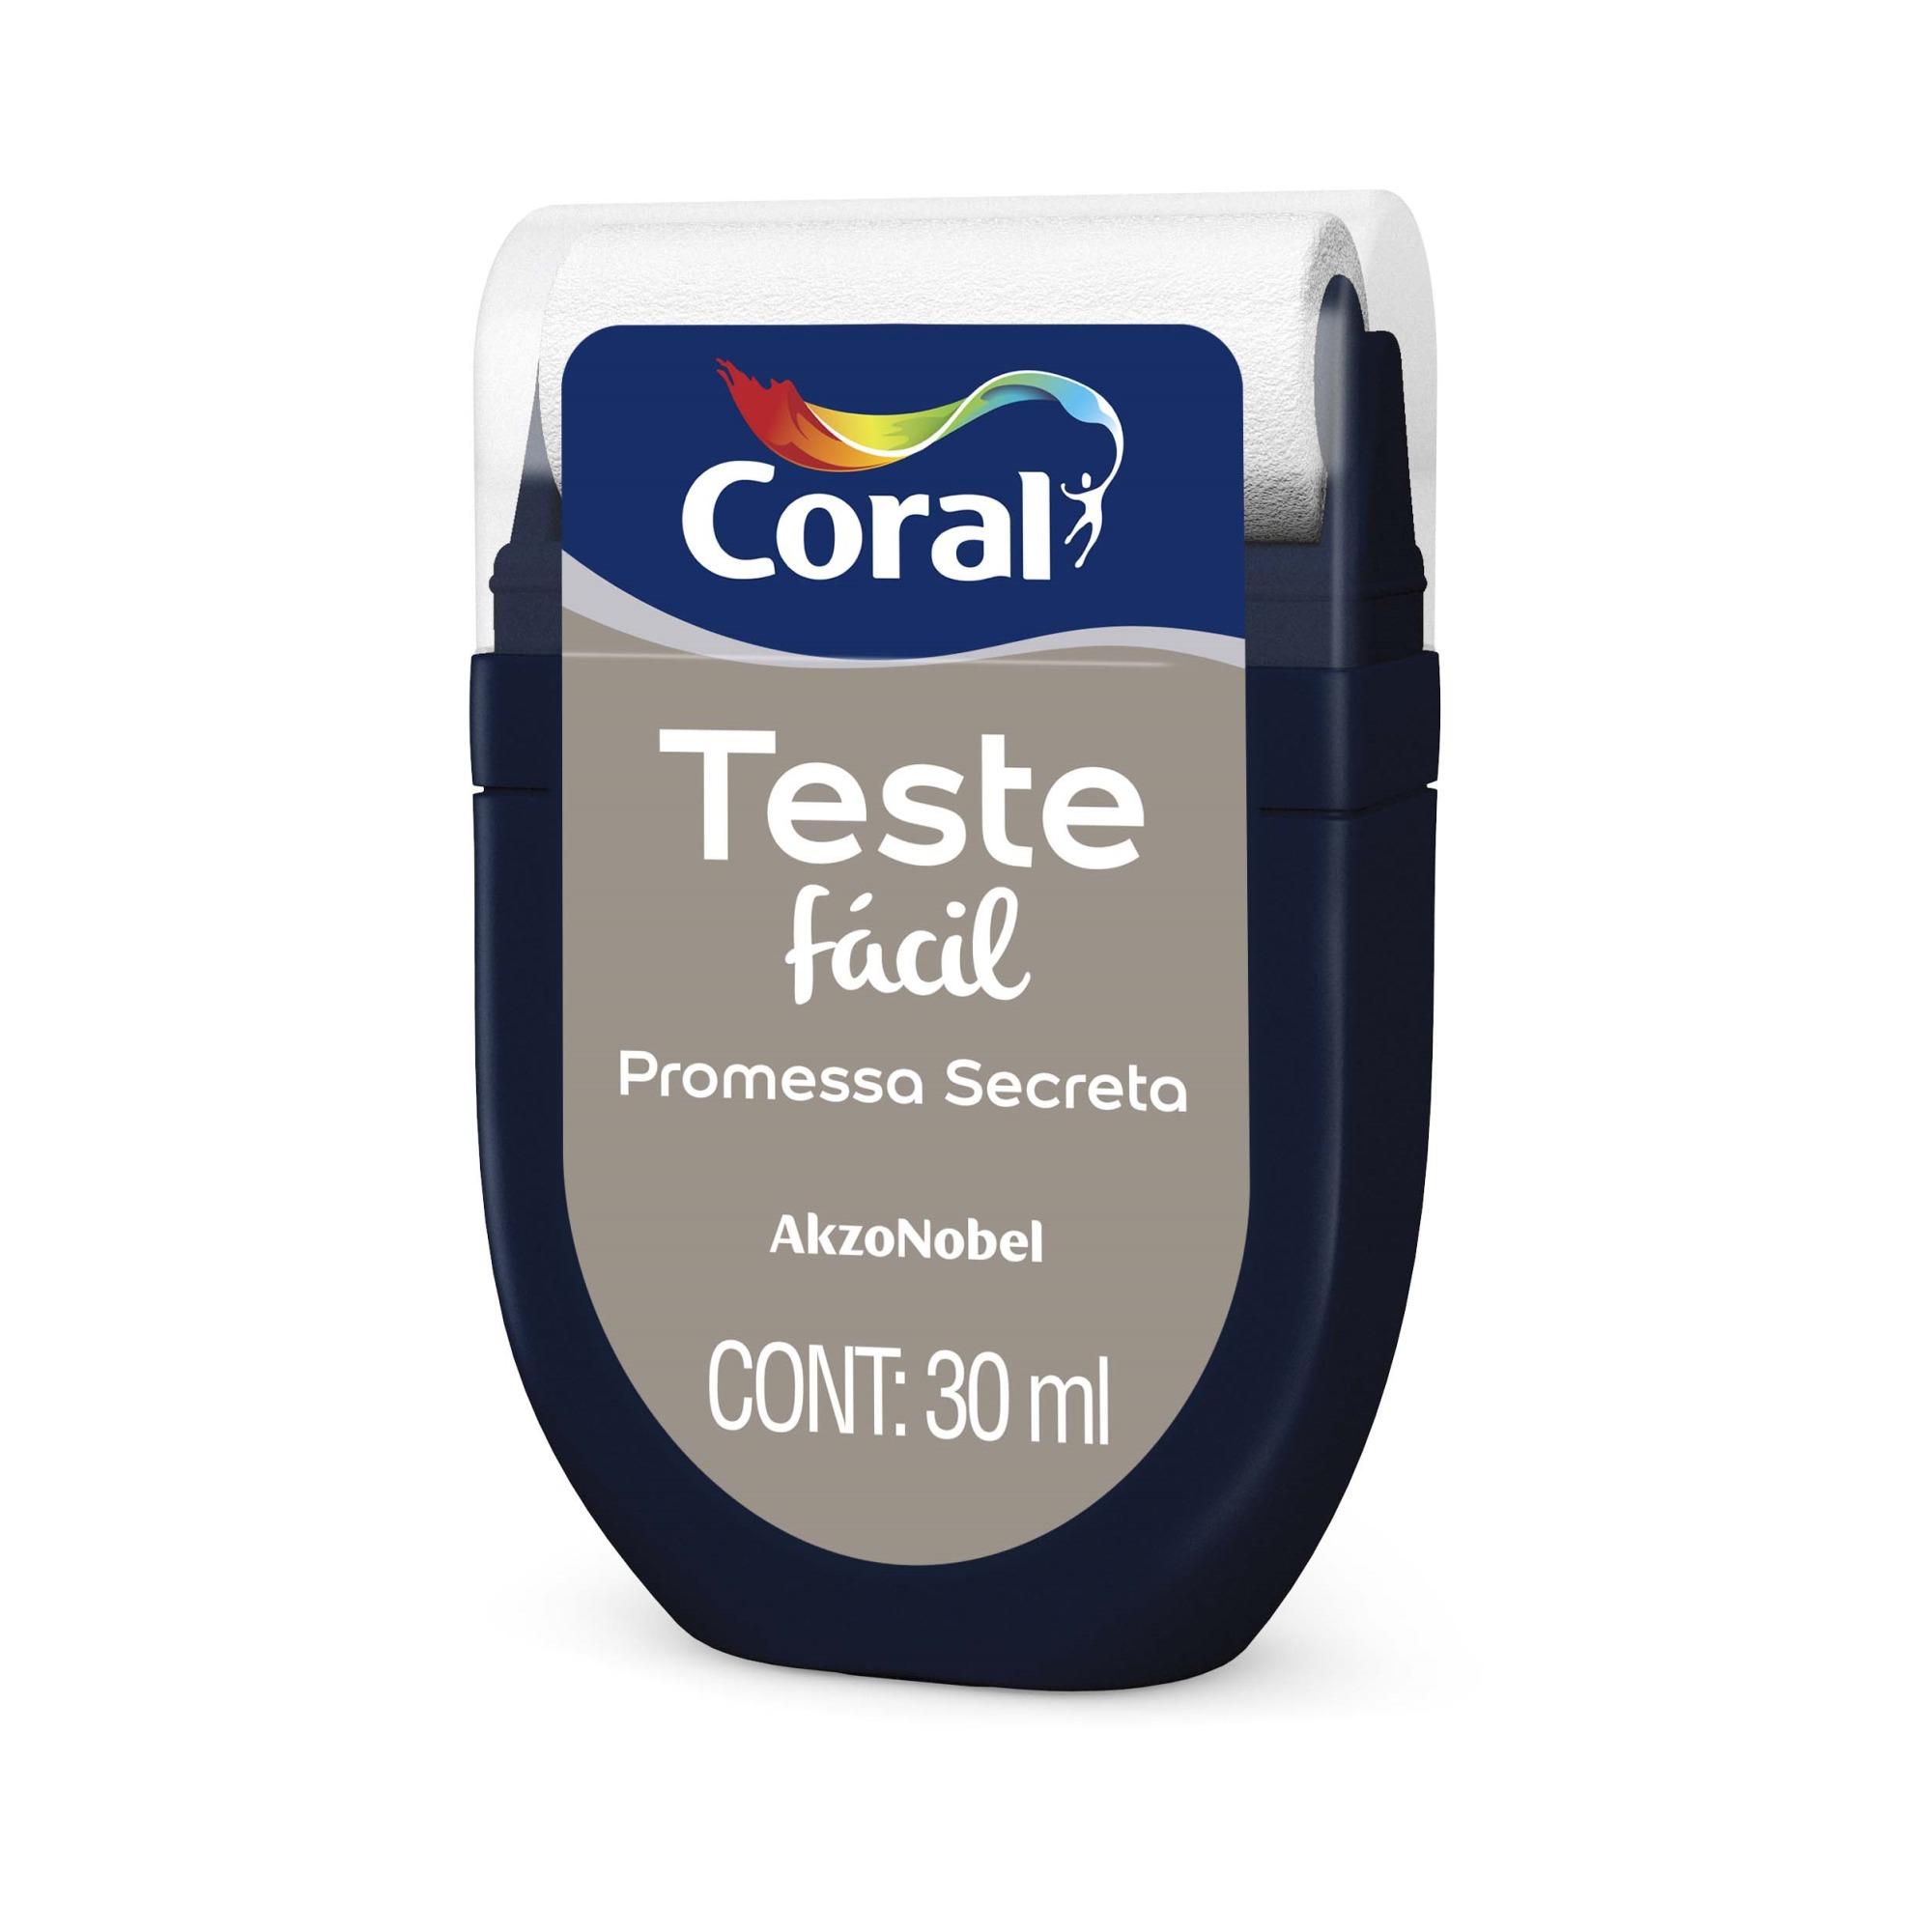 Teste Facil 30ml Promessa Secreta - Coral